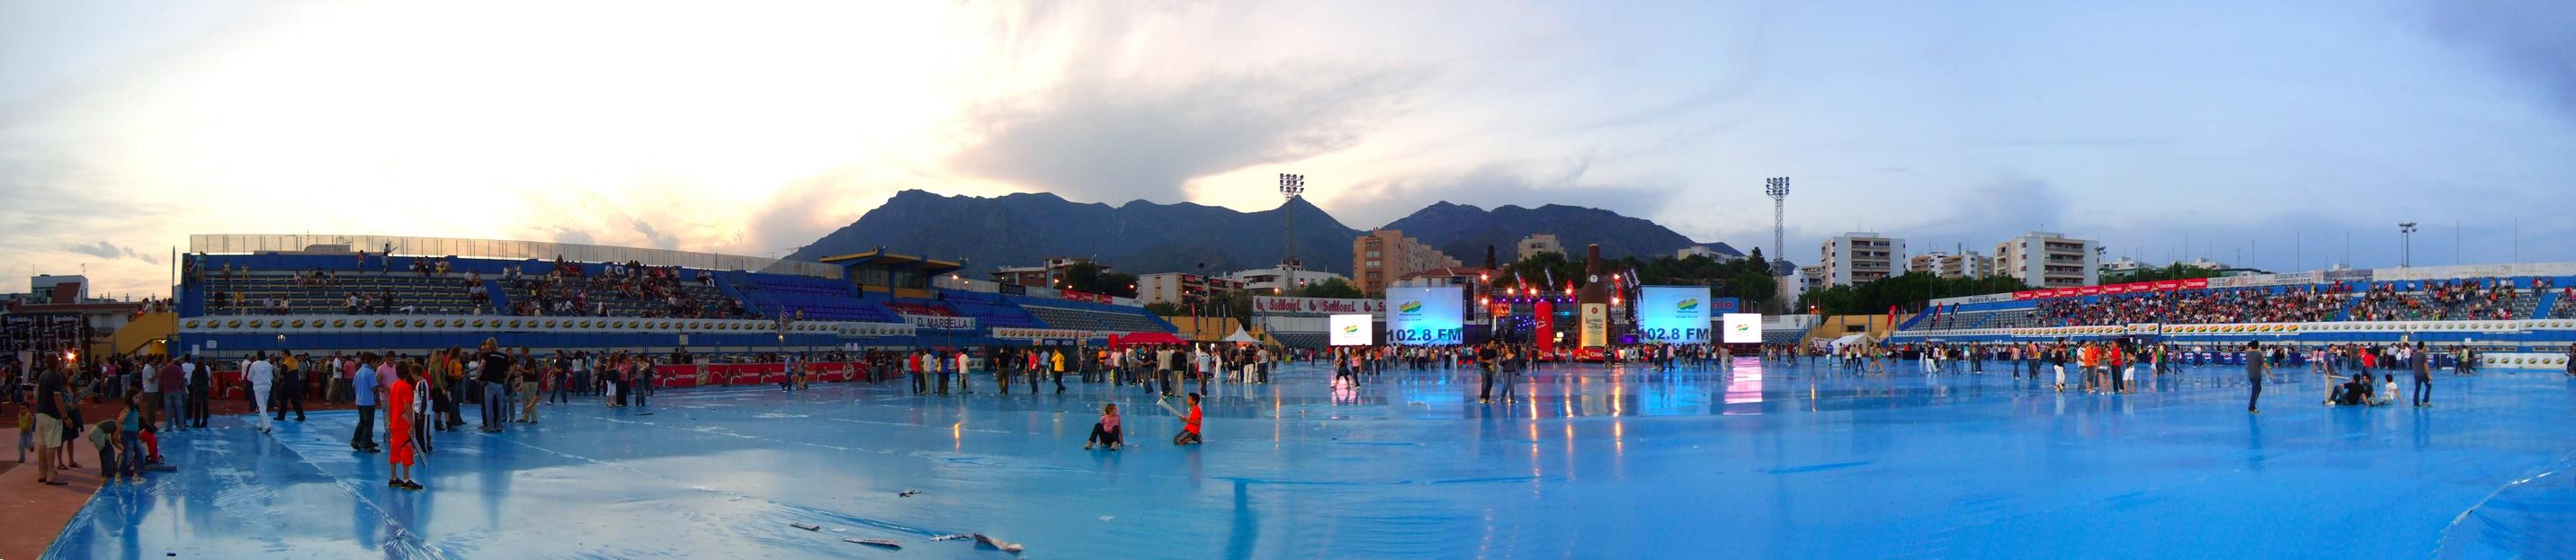 Foto playa El Cable. Marbella - estadio concierto